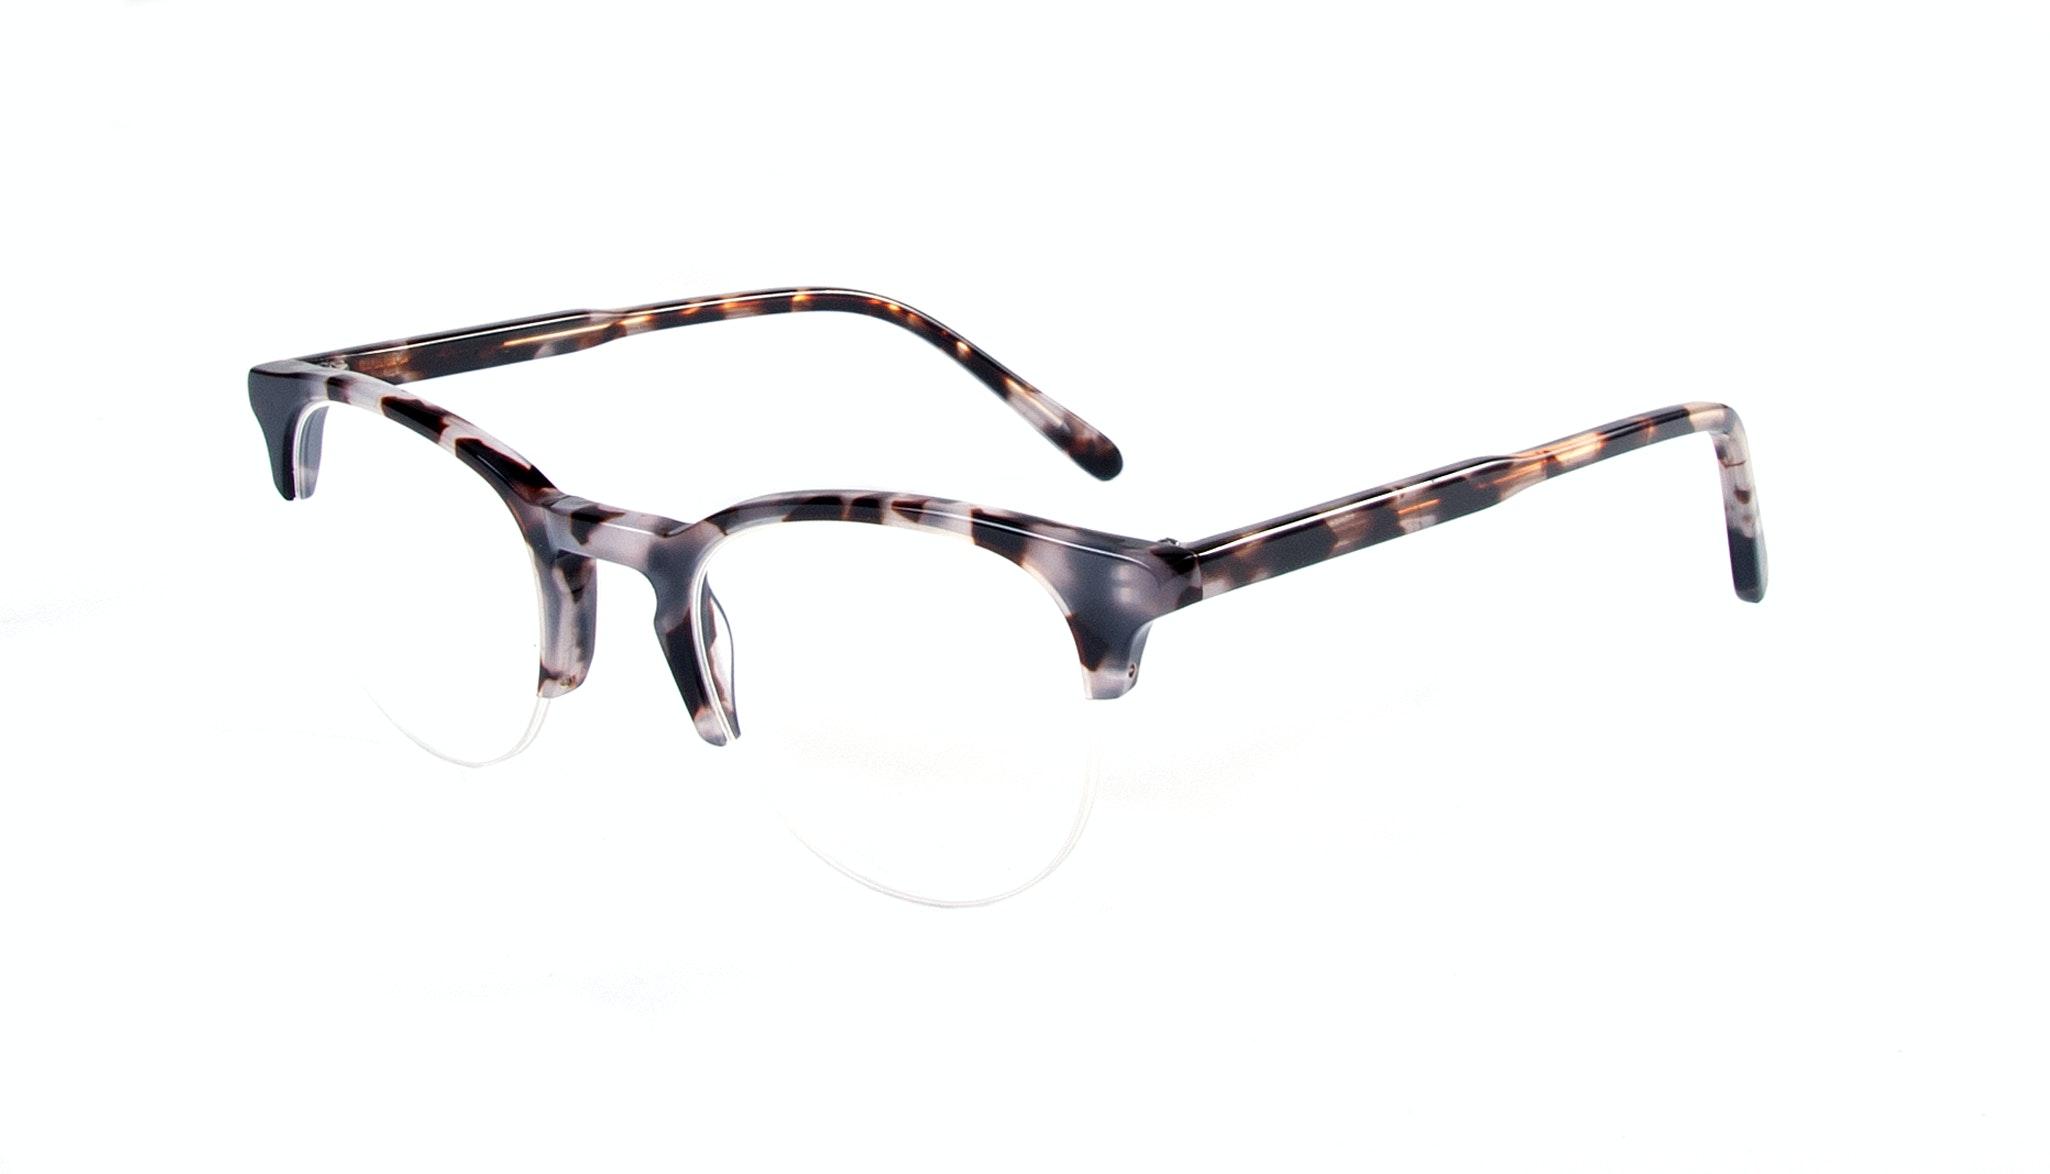 Affordable Fashion Glasses Round Semi-Rimless Eyeglasses Men Women Cult Light Mocha Tortoise Tilt